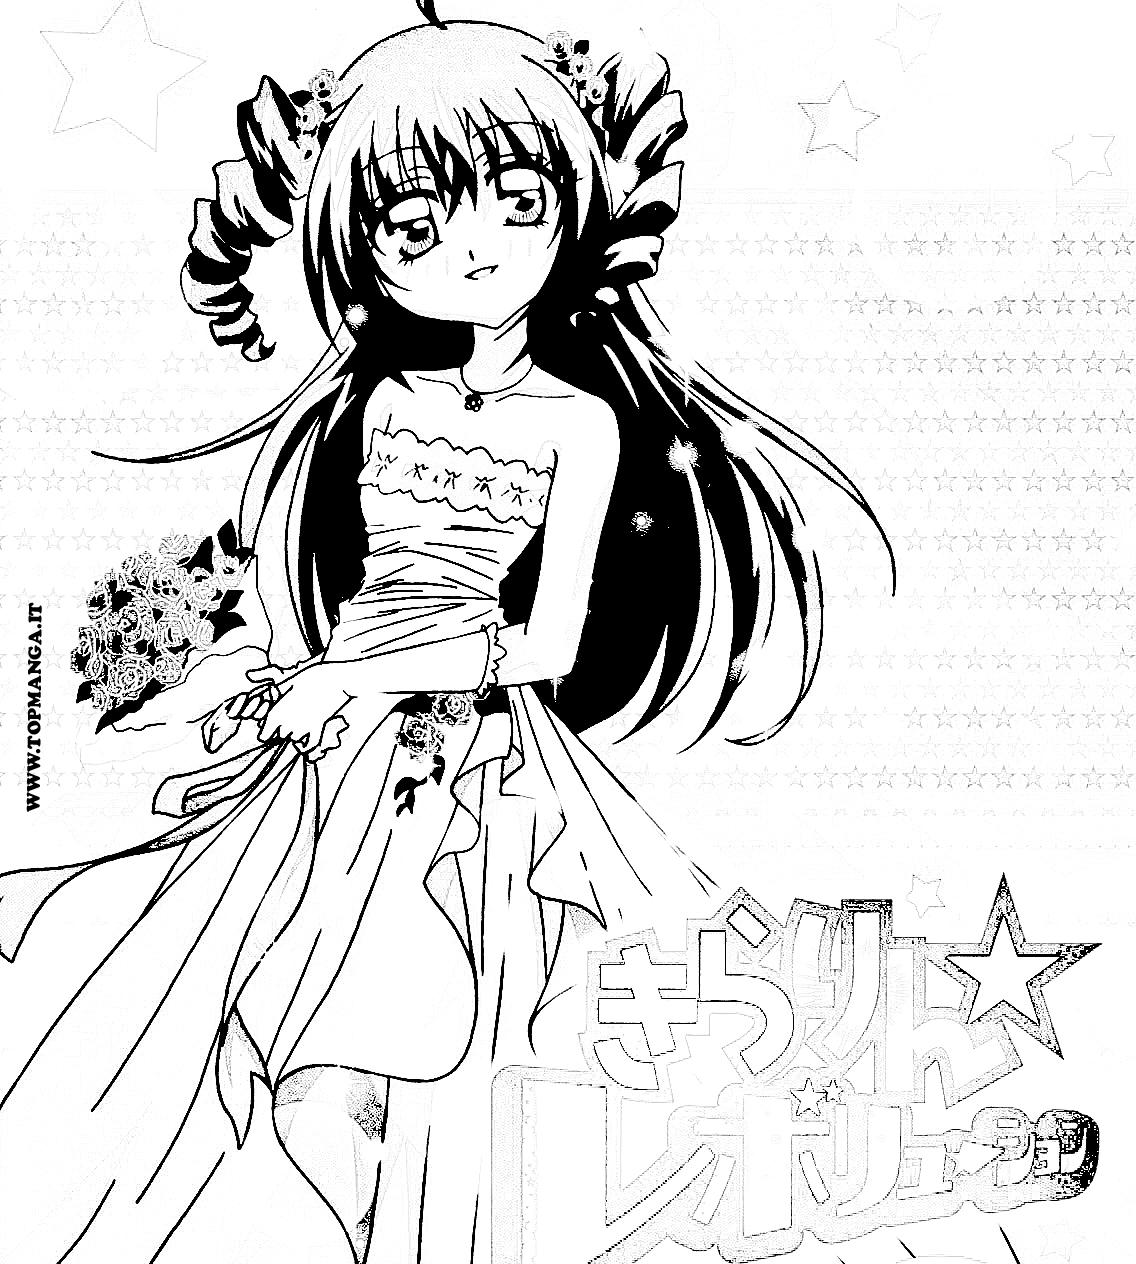 Disegni Ragazze Manga Da Colorare Migliori Pagine Da Colorare E